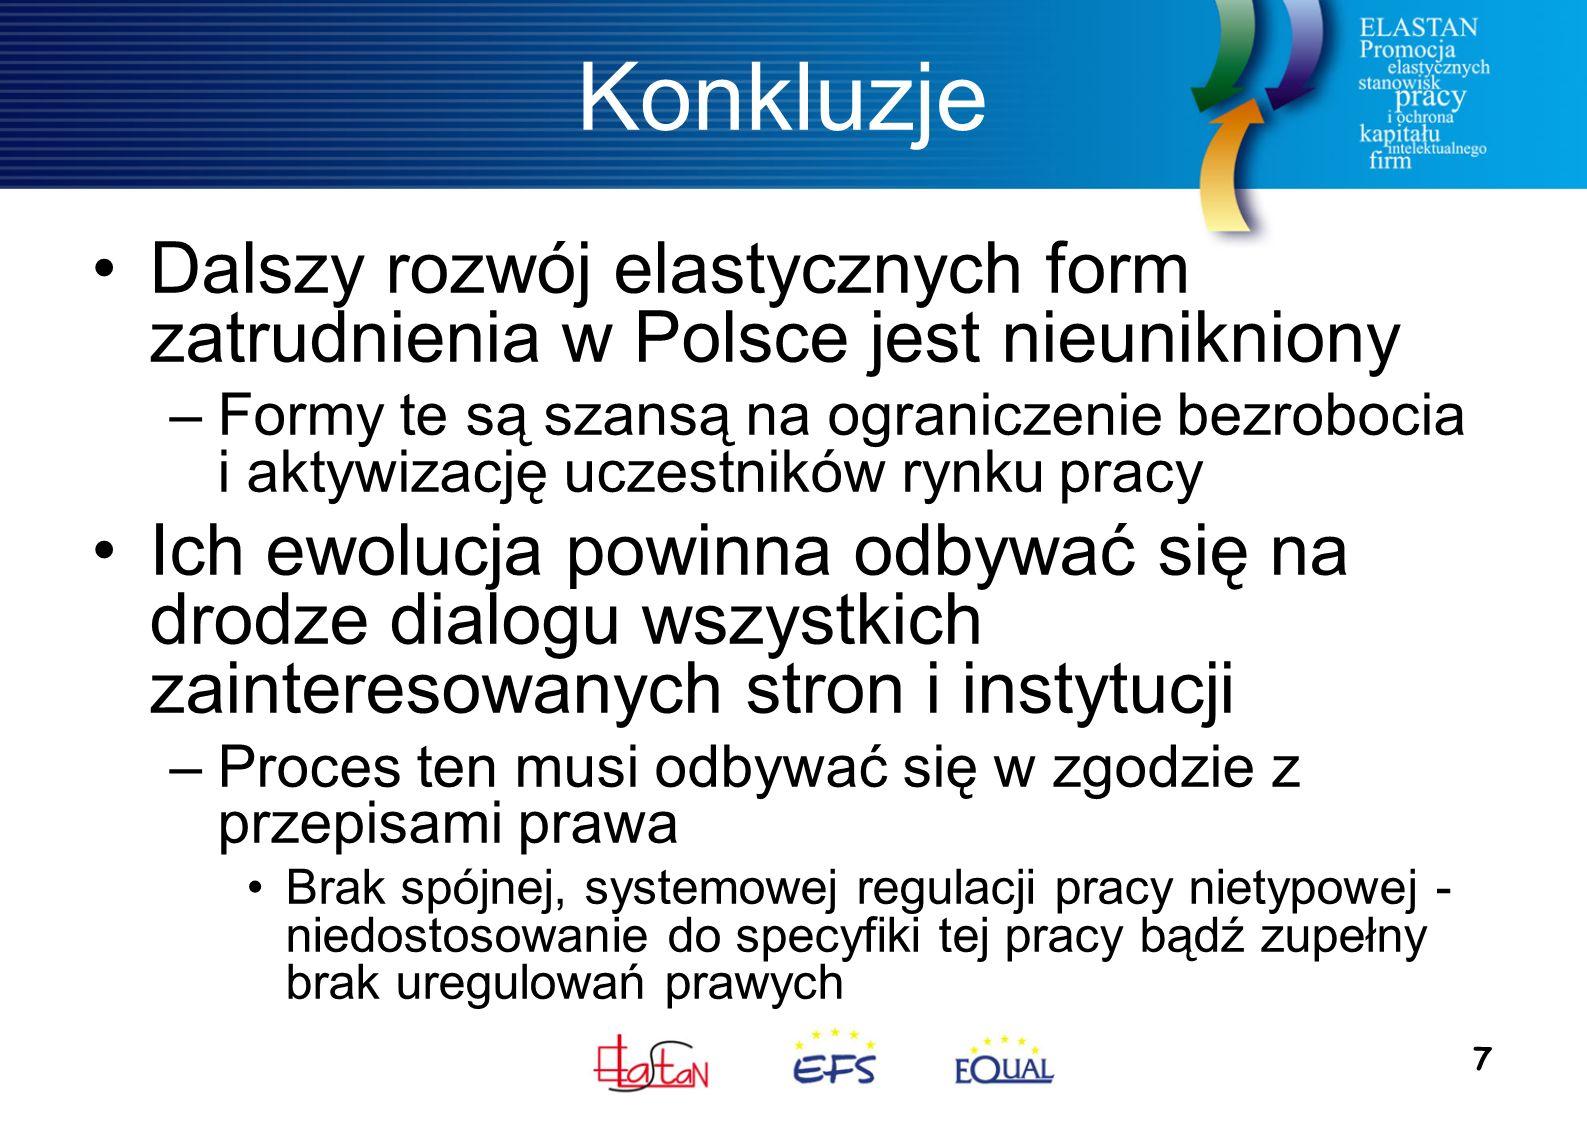 7 Konkluzje Dalszy rozwój elastycznych form zatrudnienia w Polsce jest nieunikniony –Formy te są szansą na ograniczenie bezrobocia i aktywizację uczestników rynku pracy Ich ewolucja powinna odbywać się na drodze dialogu wszystkich zainteresowanych stron i instytucji –Proces ten musi odbywać się w zgodzie z przepisami prawa Brak spójnej, systemowej regulacji pracy nietypowej - niedostosowanie do specyfiki tej pracy bądź zupełny brak uregulowań prawych